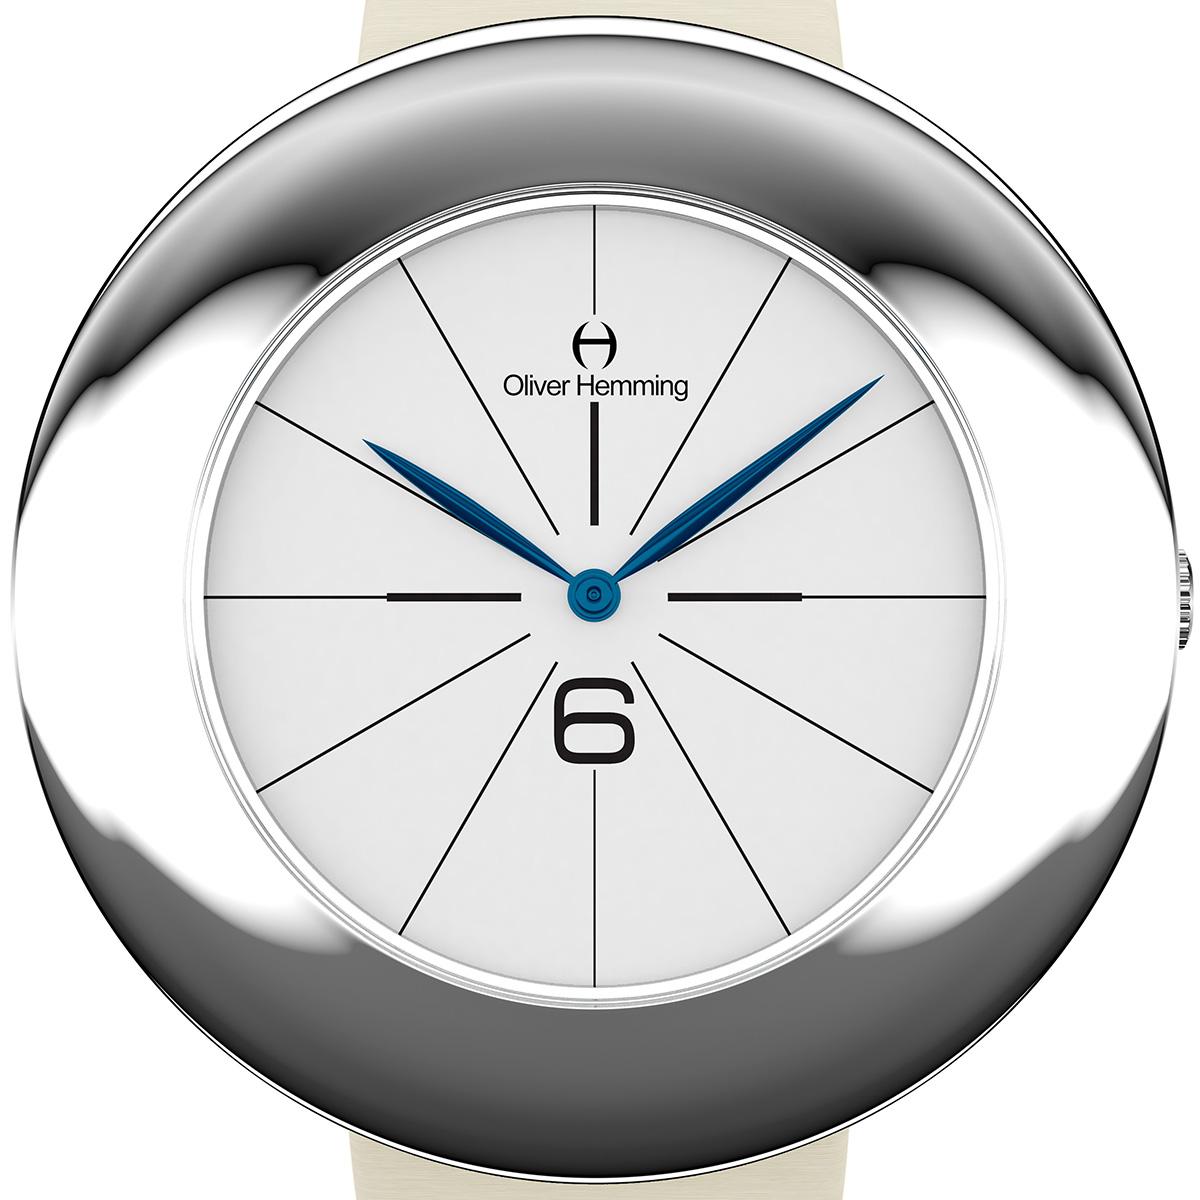 【残り1点】Oliver Hemming オリバーヘミング クォーツ 腕時計 イギリス アート デザイン [WT36S26WIS] 正規代理店品 純正ケース メーカー保証